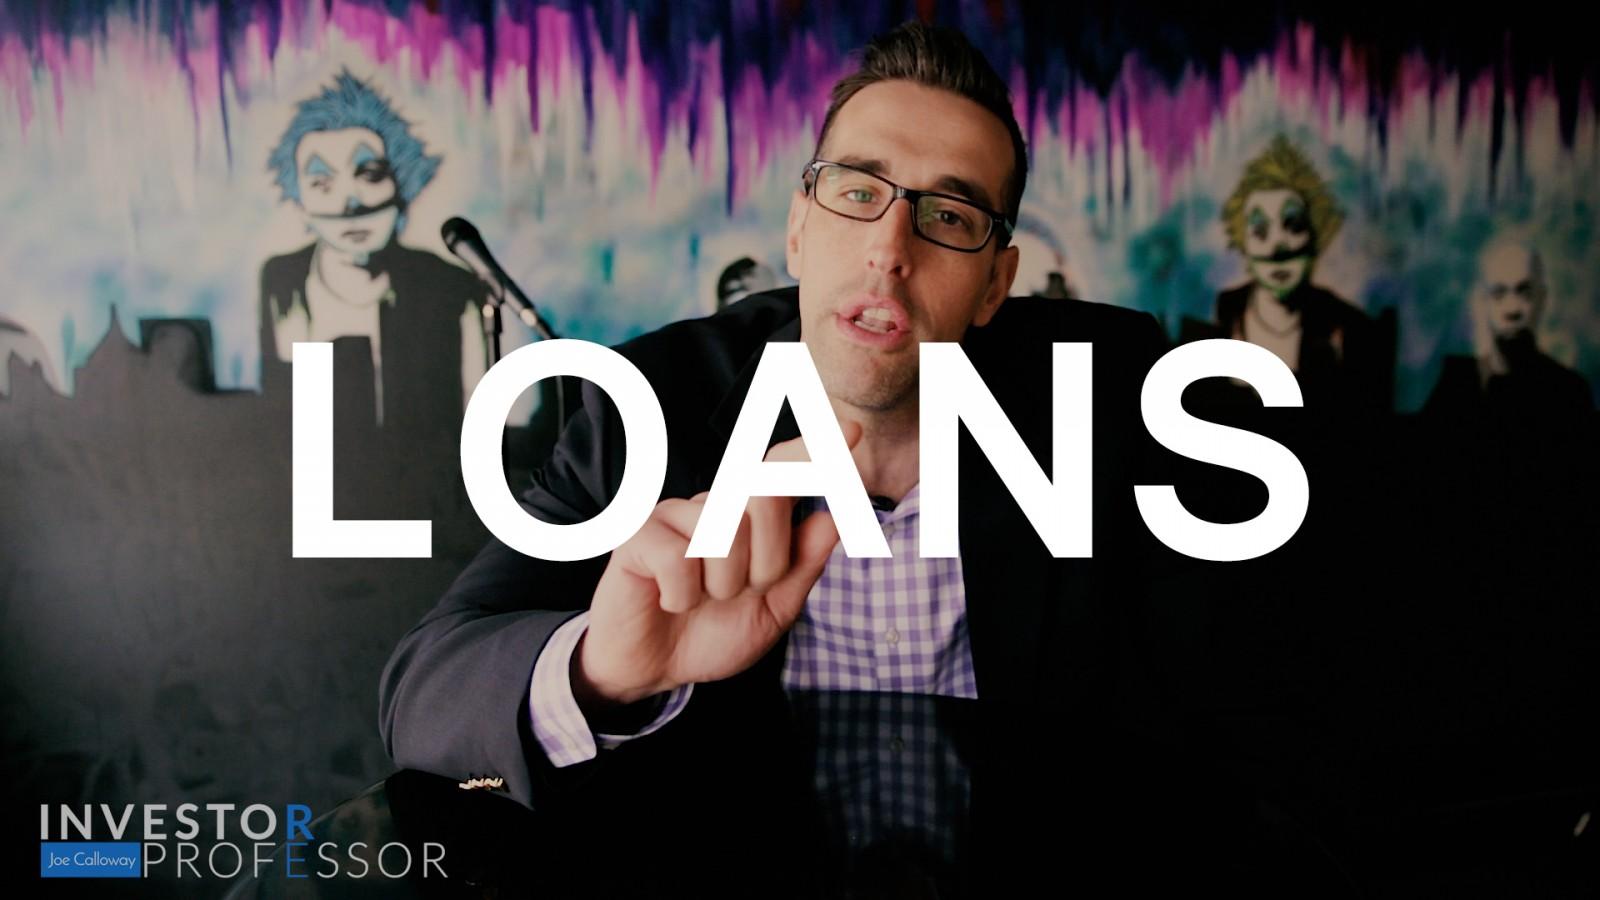 loans, financing, banks, loan